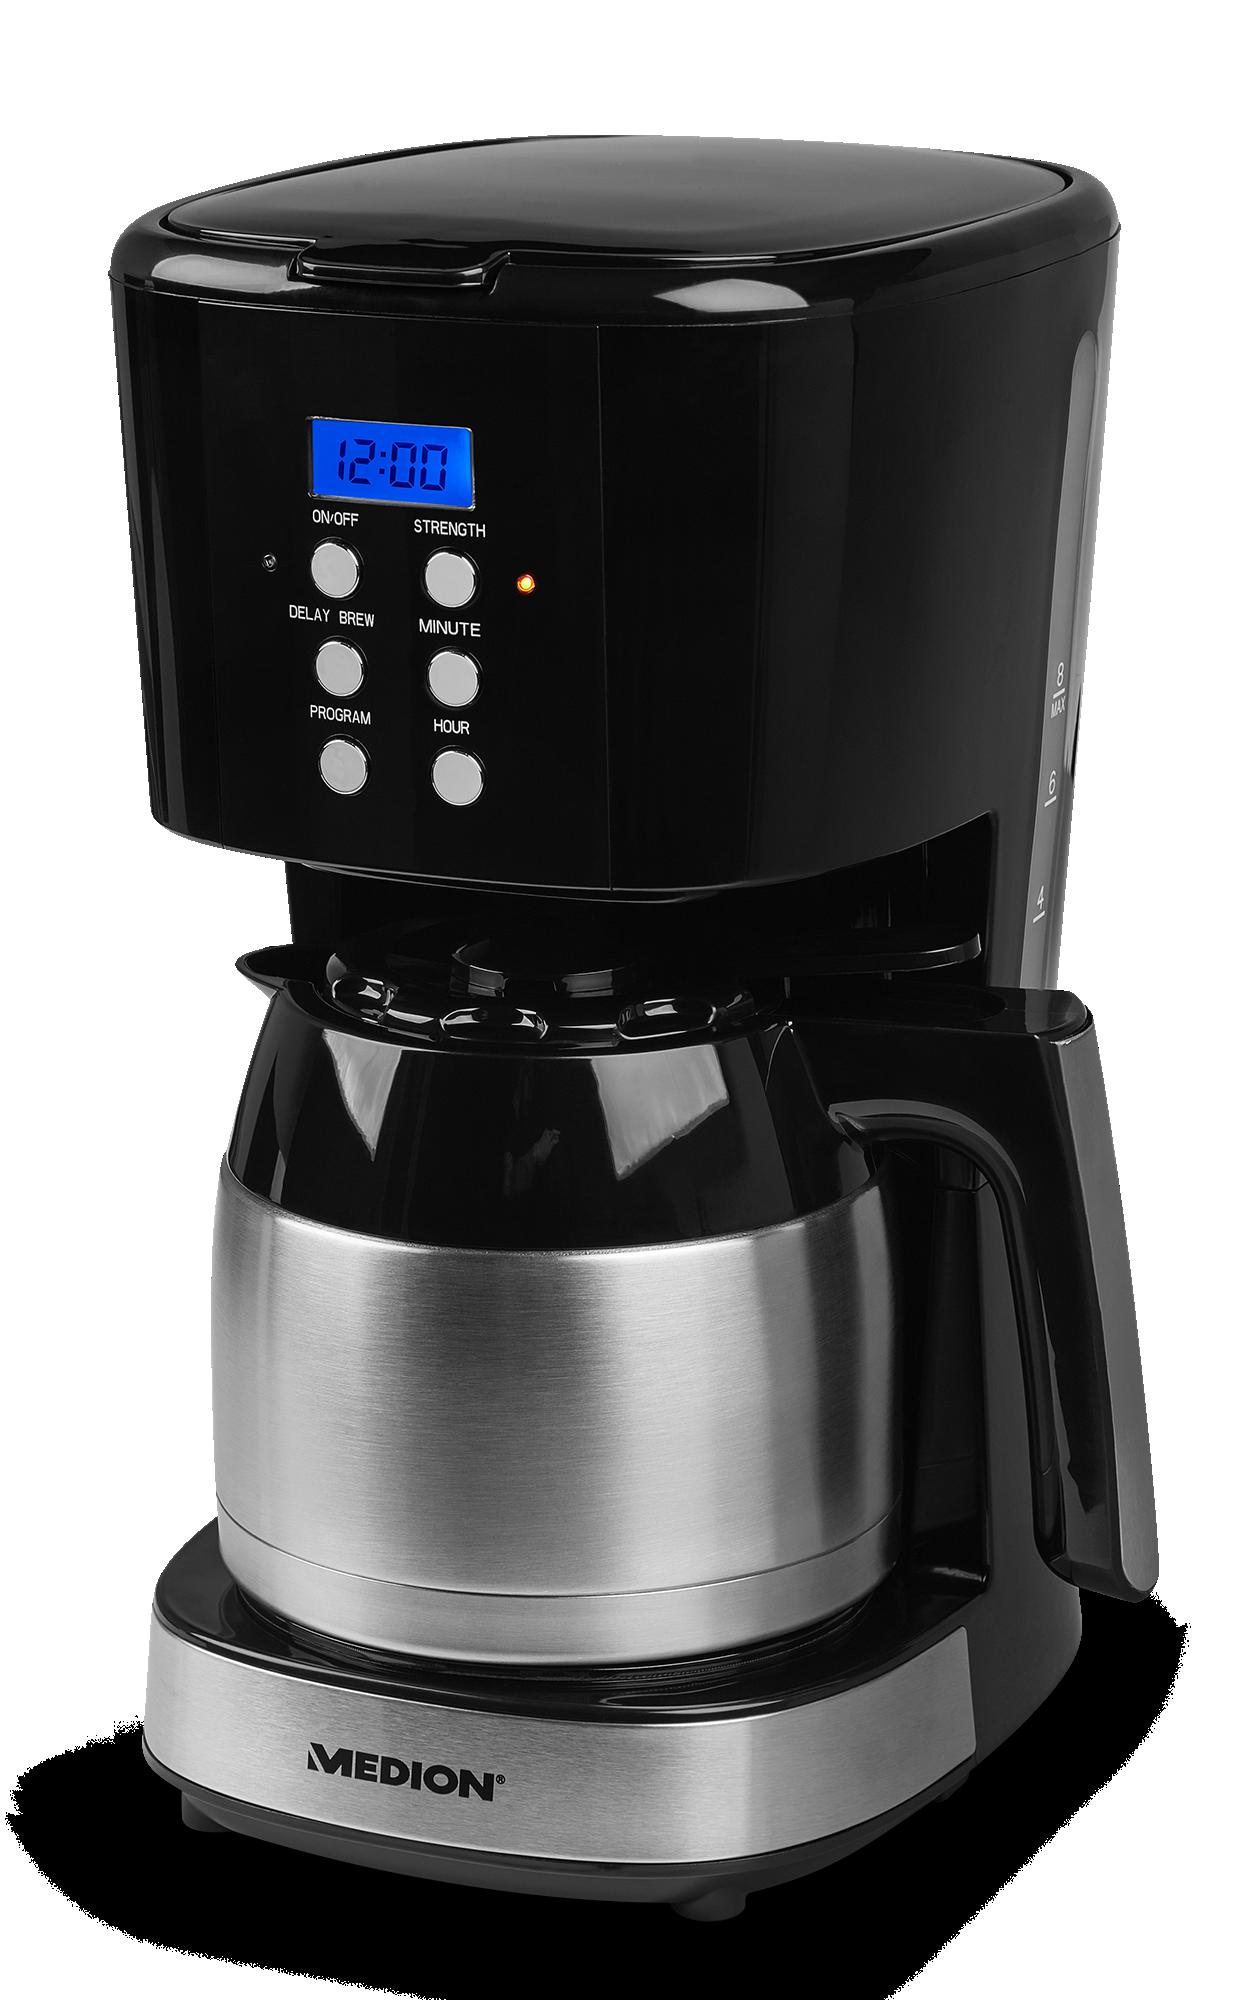 Medion koffie apparaat met thermos kan in gebruik